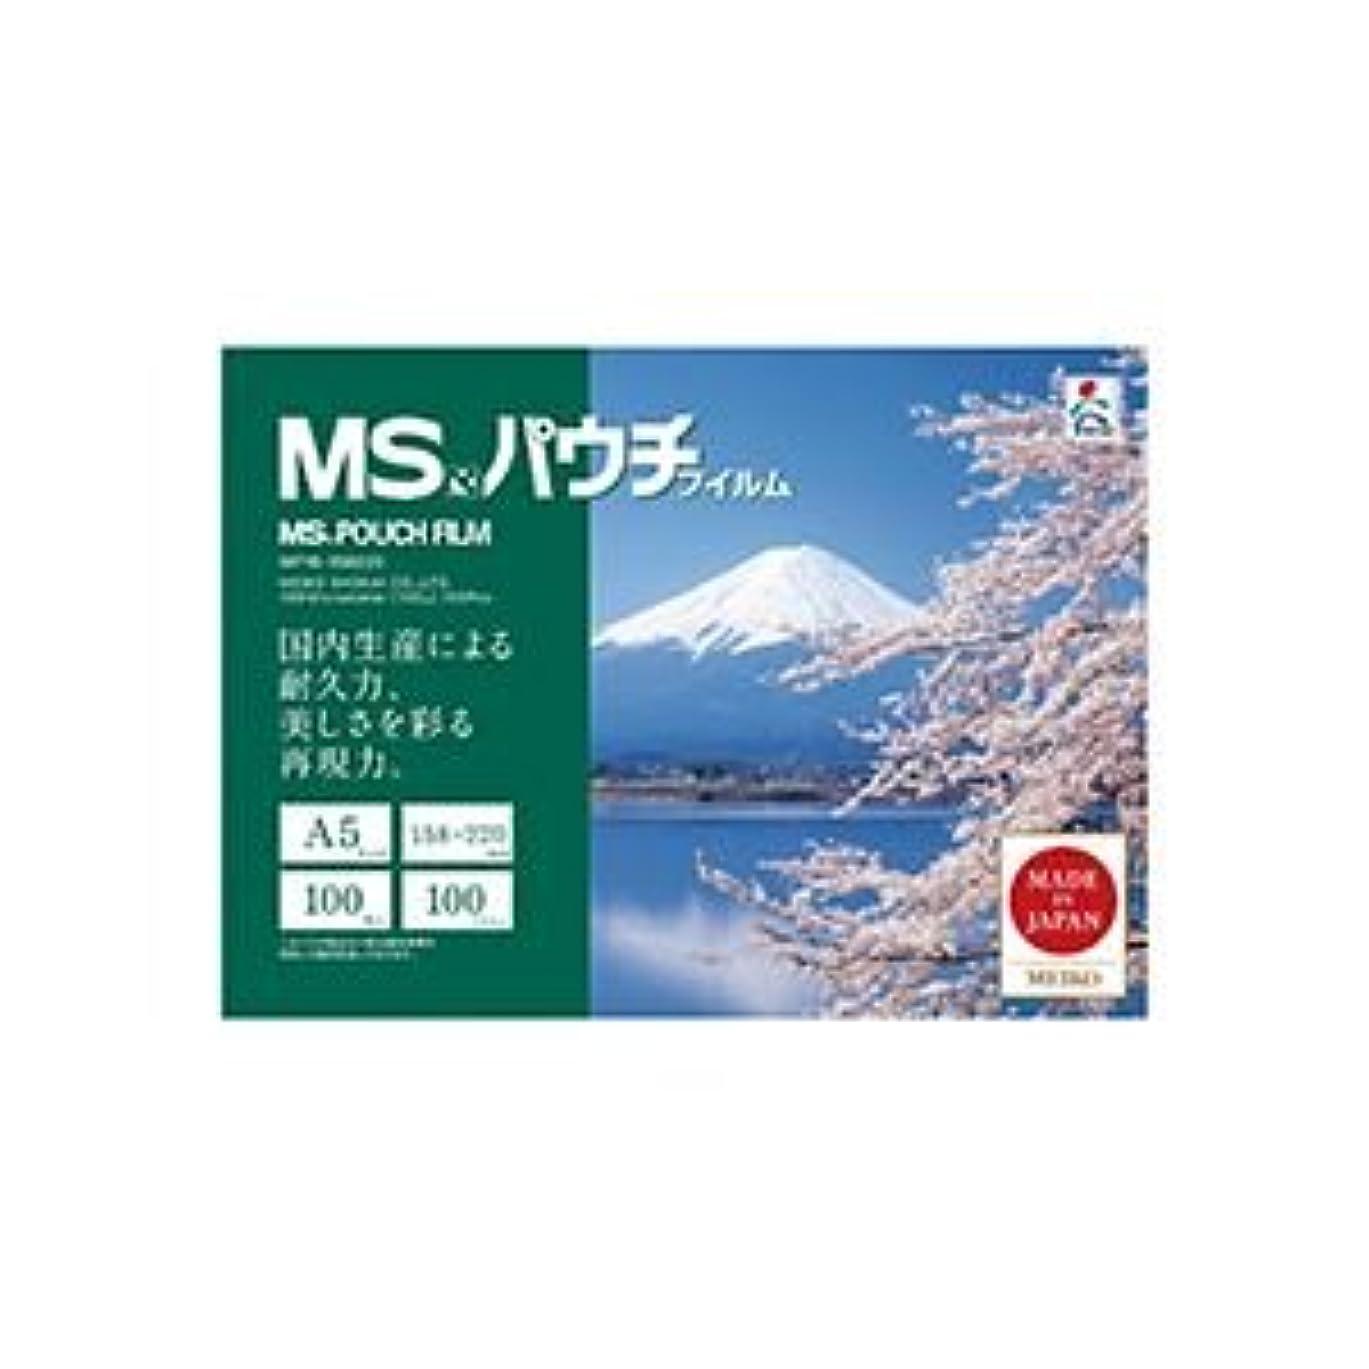 センチメンタルおいしいうがい薬明光商会 MSパウチ A5 100μ MPF100-158220 1パック(100枚) (×2セット)